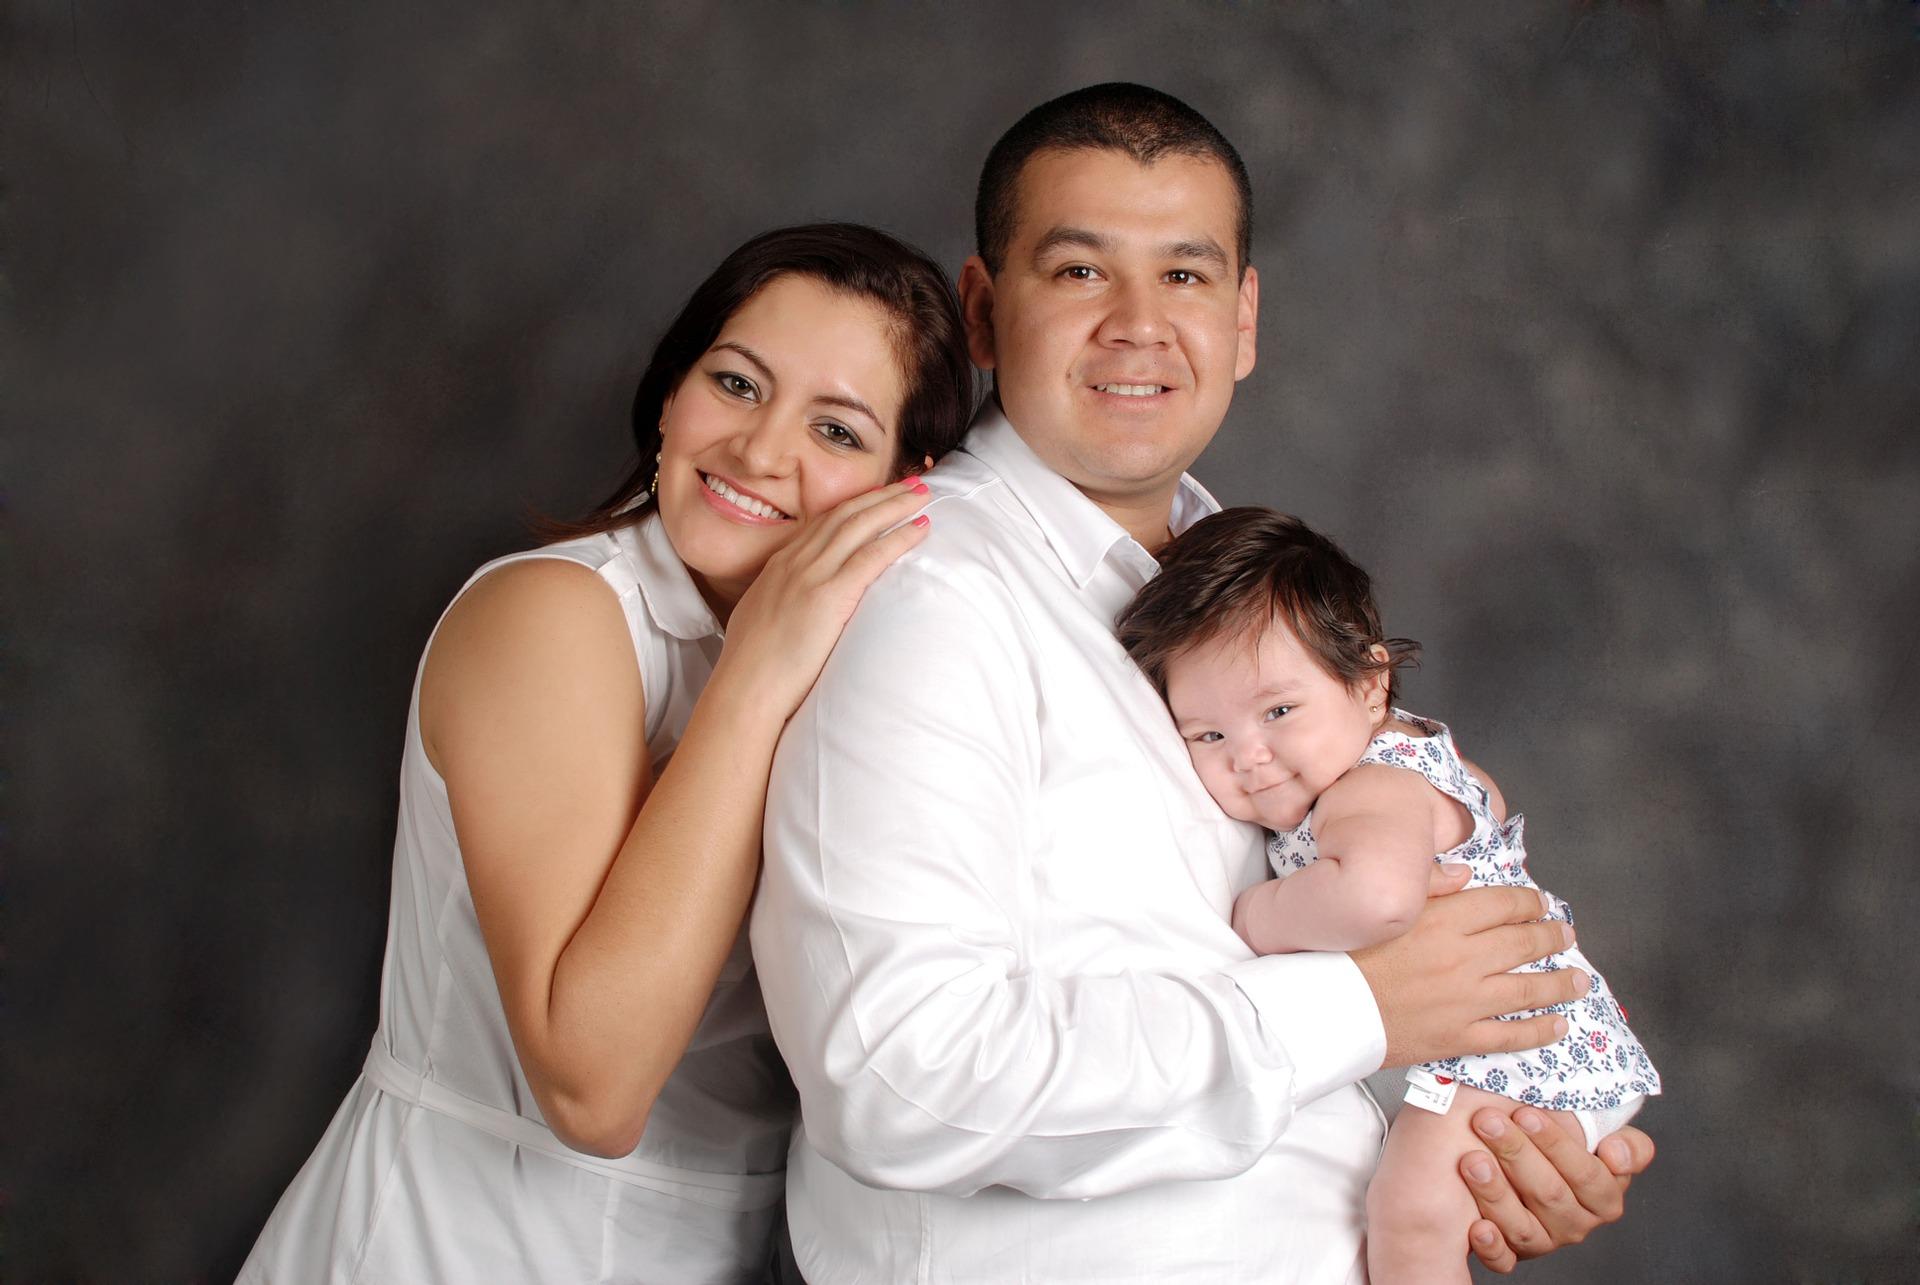 family-829308_1920.jpg